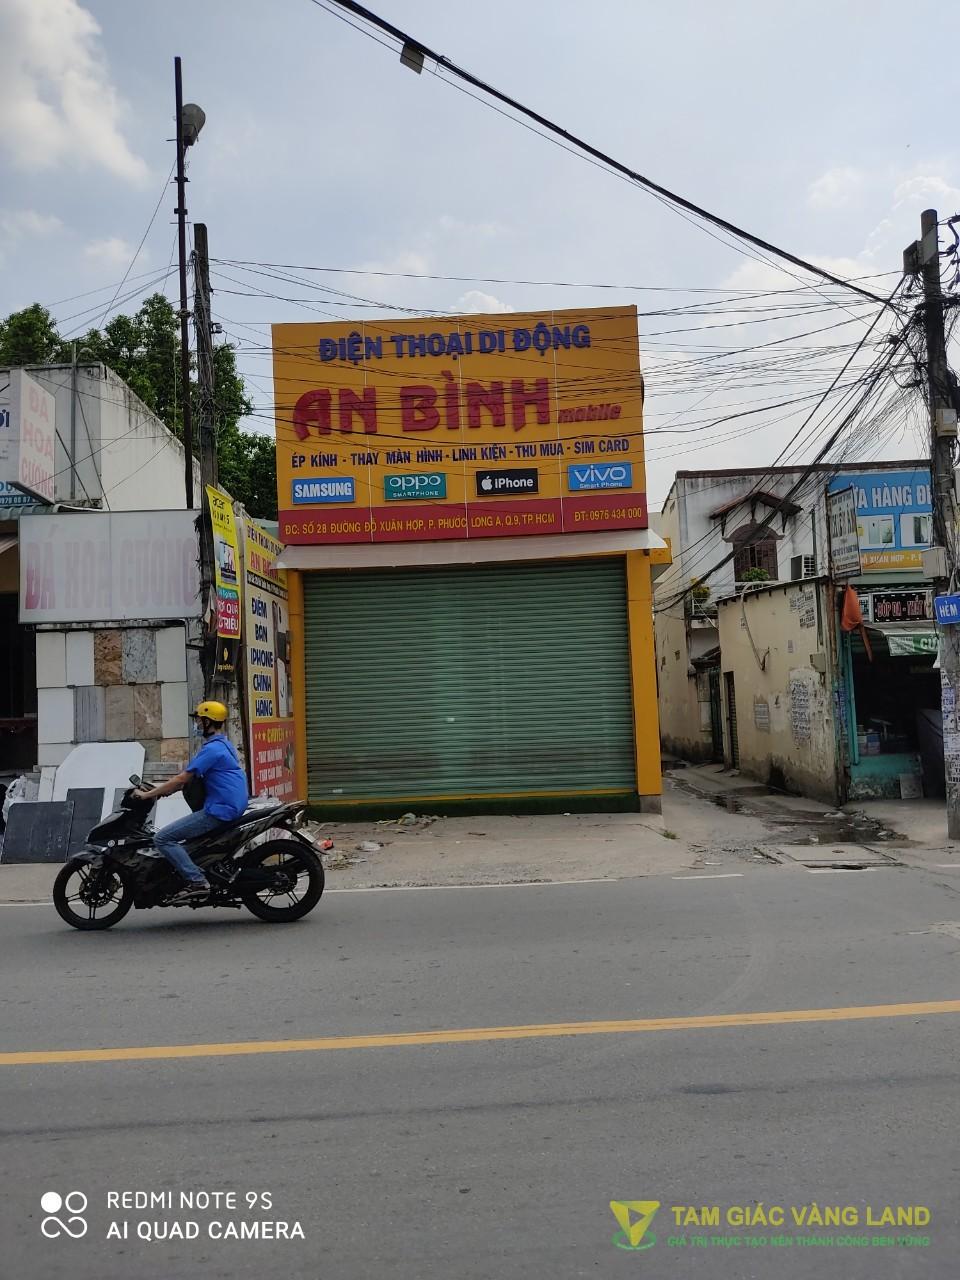 Cho thuê nhà mặt tiền đường Đỗ Xuân Hợp, Phường Phước Long A, Quận 9, DT 4.5x22m, trệt + 2 lầu, Giá 30 triệu/tháng